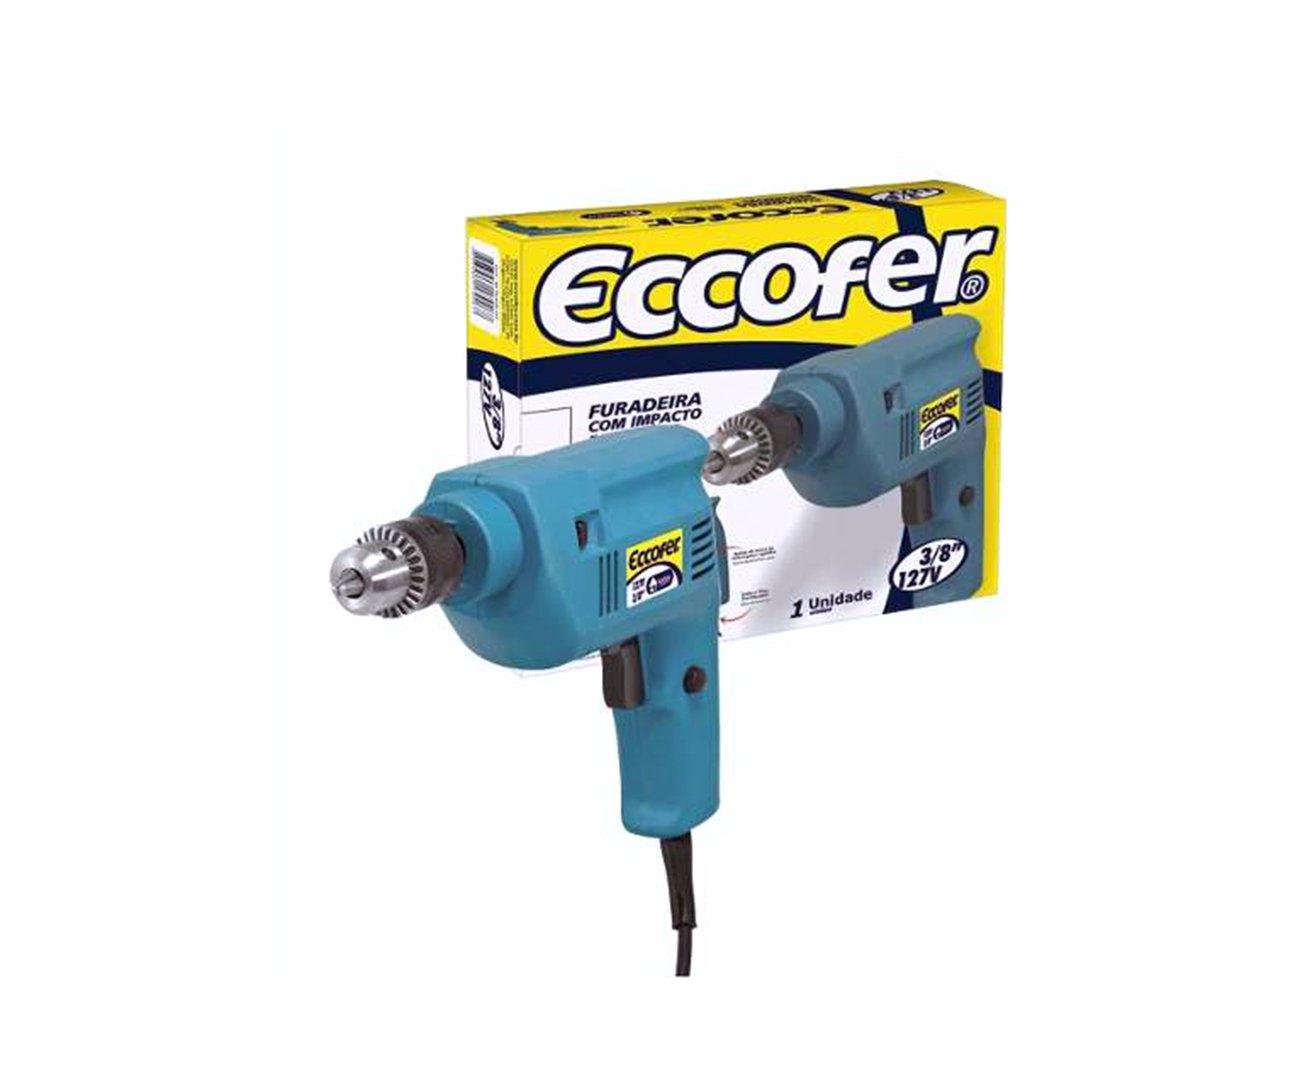 Furadeira De Impacto Reversivel Eccofer 300w Fi 038 - 127v